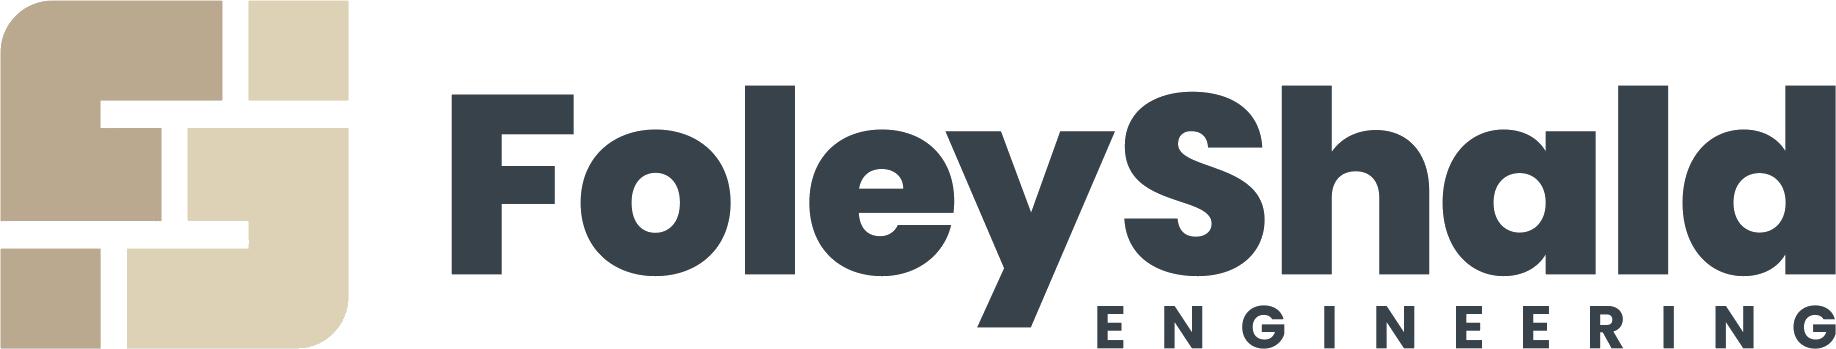 FoleyShald Engineering